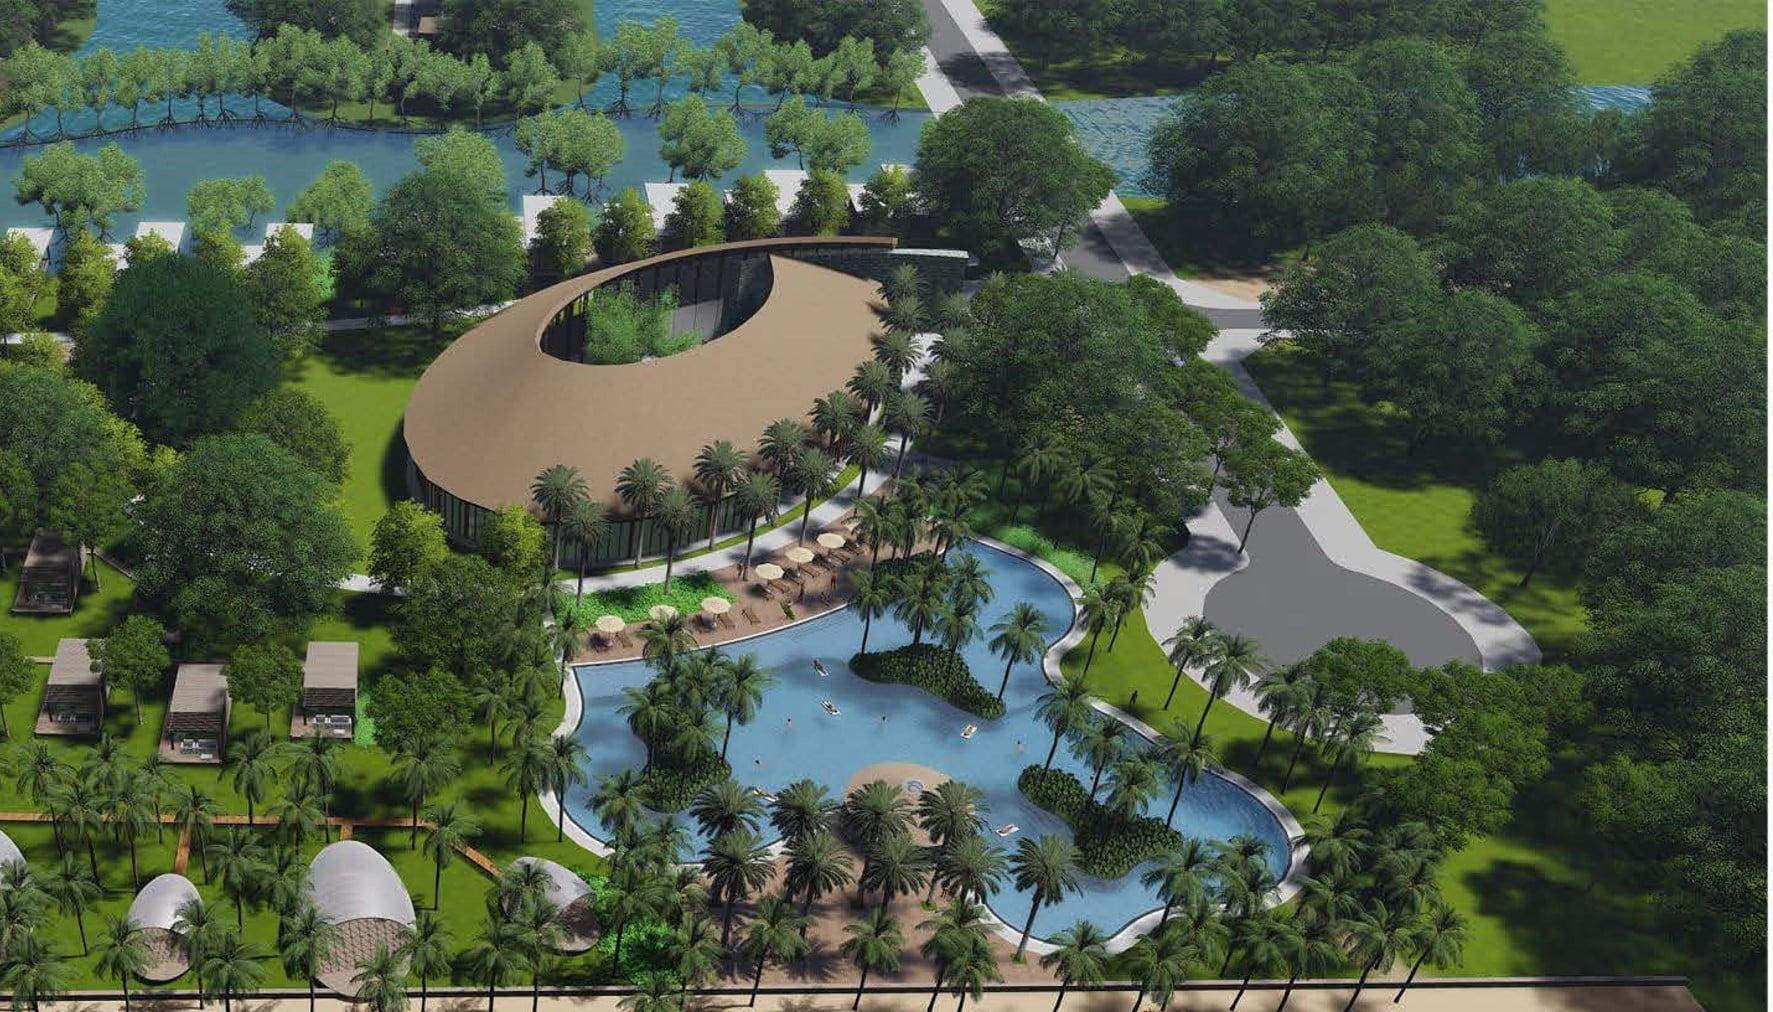 Không gian ngập tràn sắc xanh, hài hòa với thiên nhiên tại dự án Lagoona Bình Châu